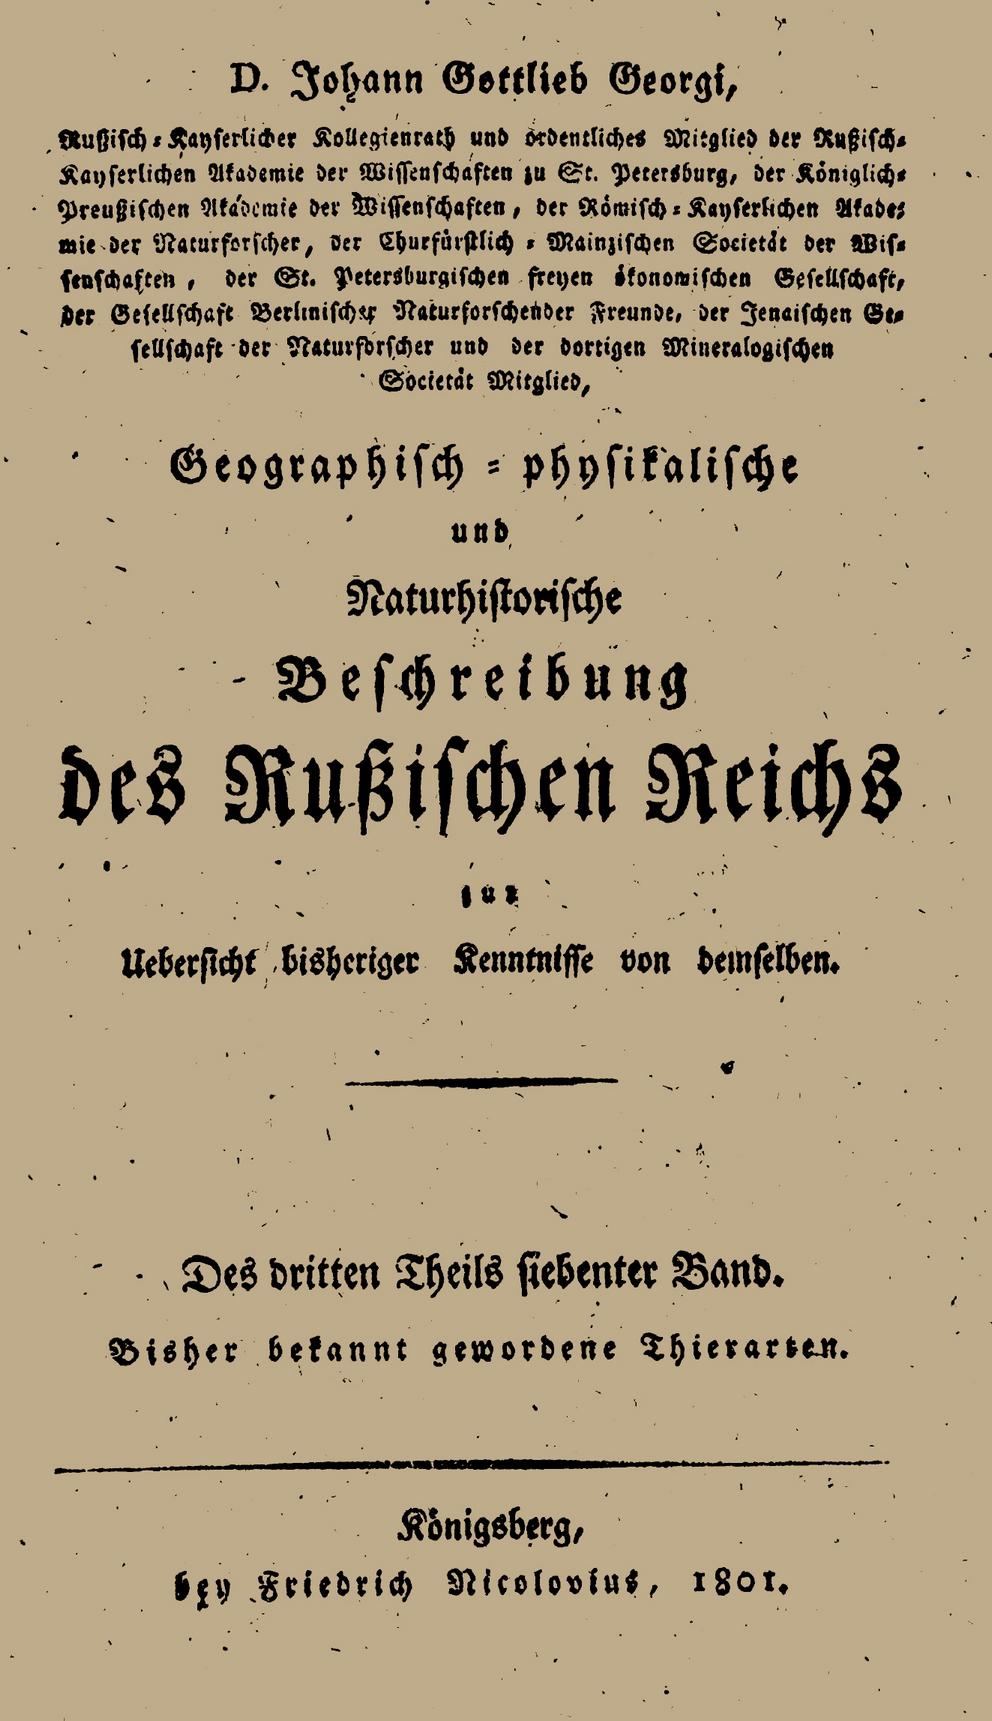 Титульный лист сочинения Георги, включающего данные Гюльденштедта